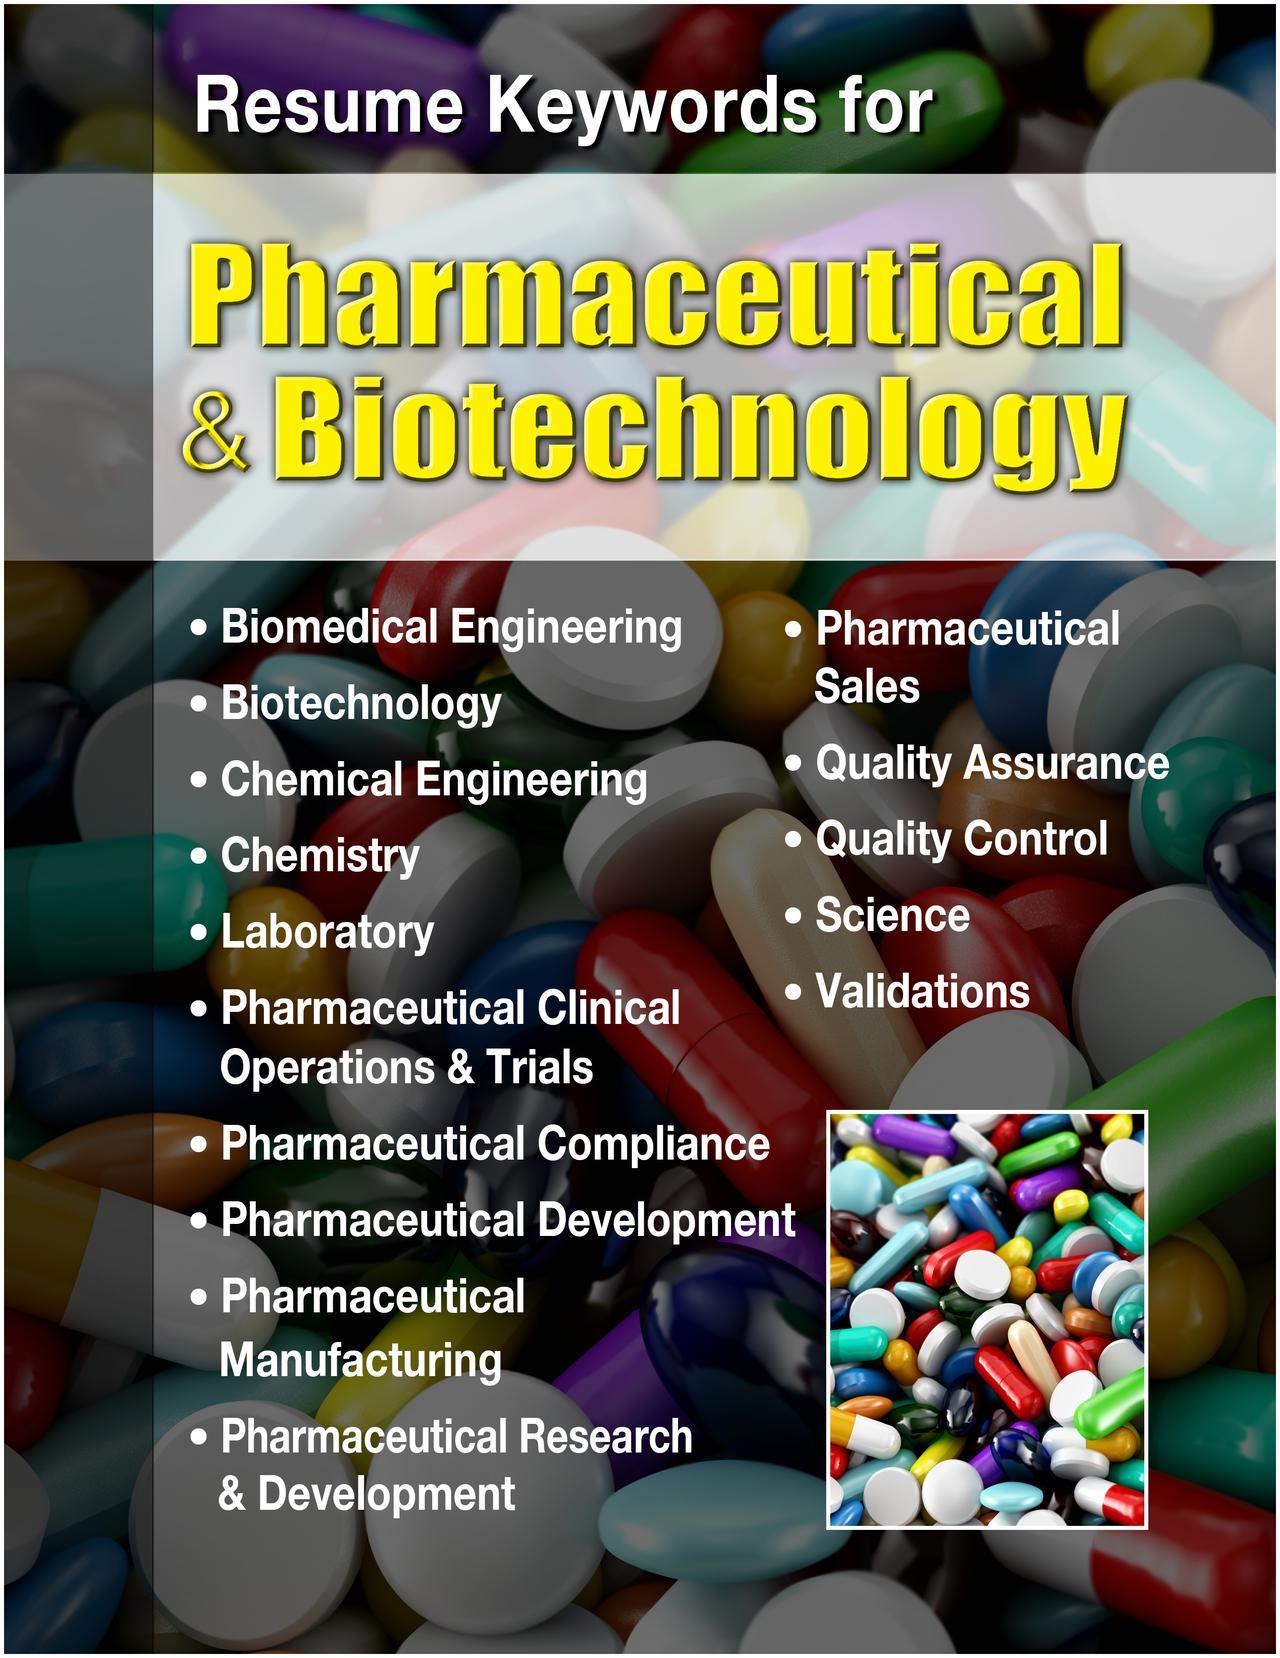 pharmaceutical & biotechnology divider.jpg